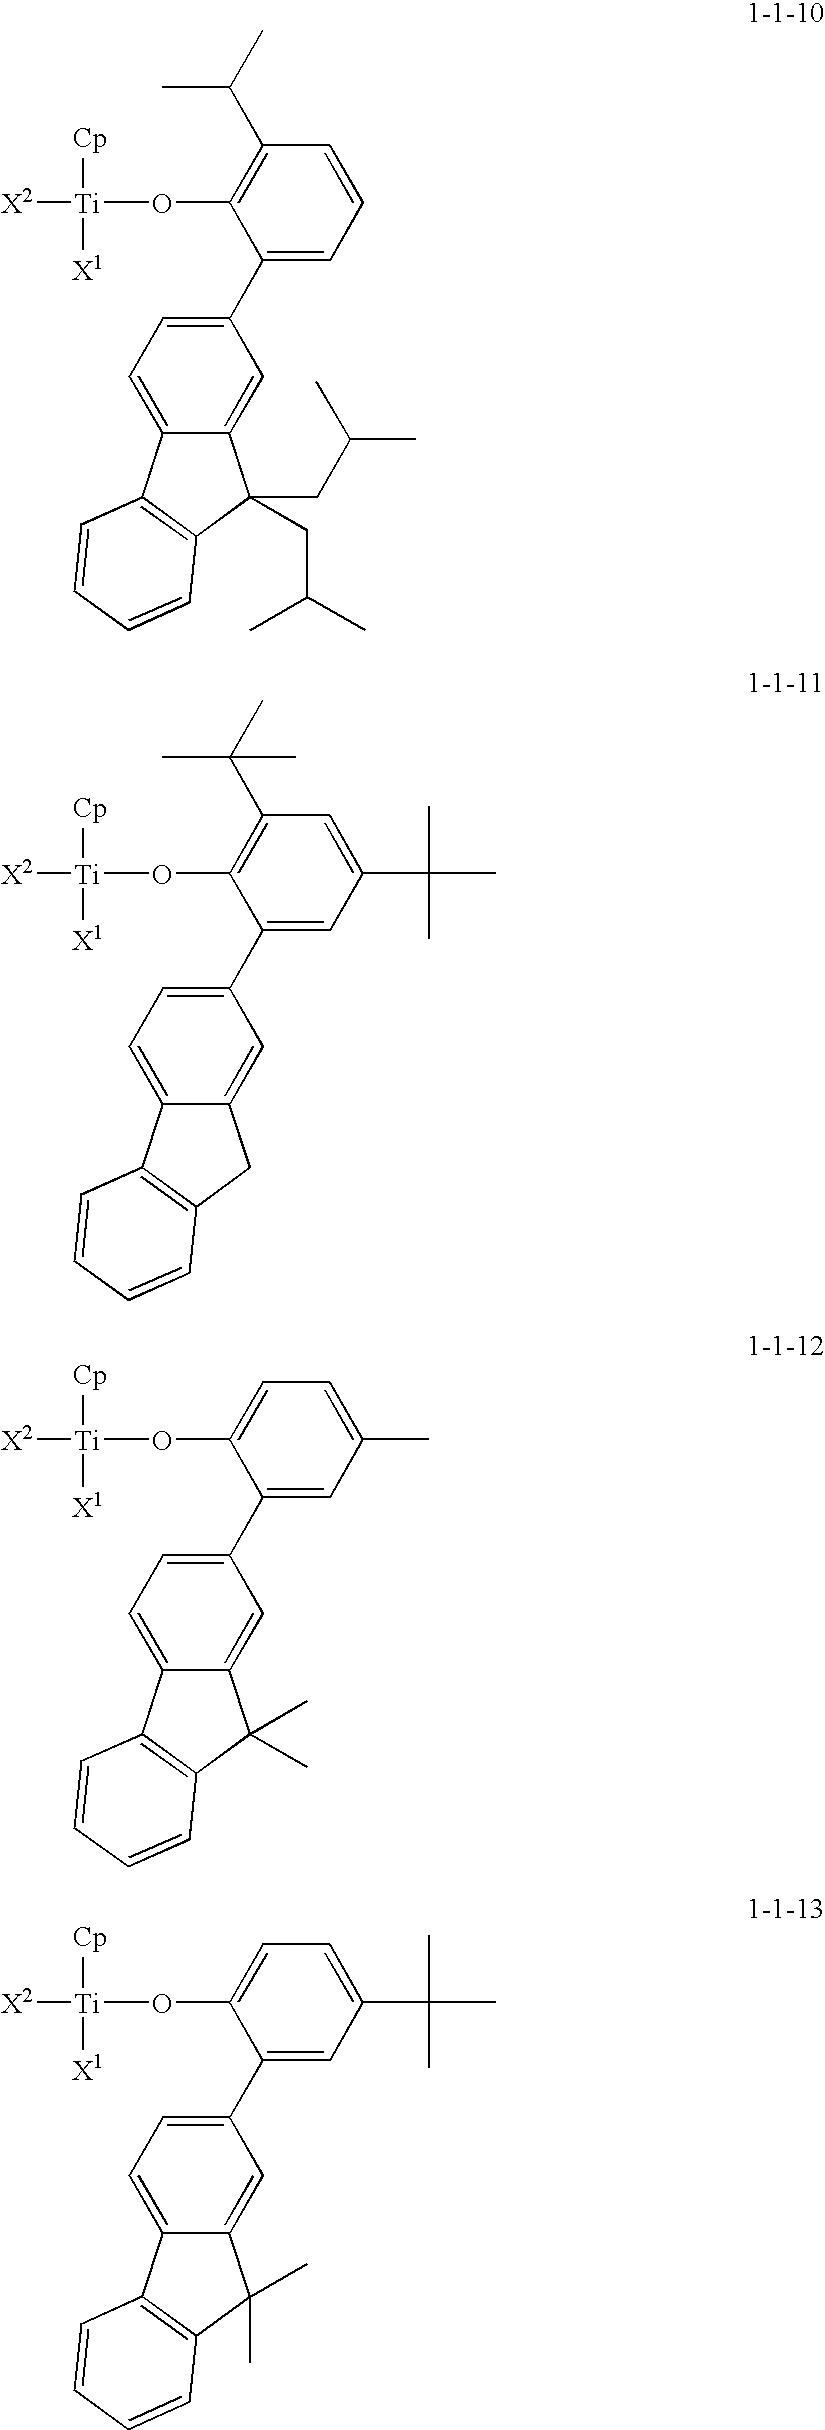 Figure US20100081776A1-20100401-C00006